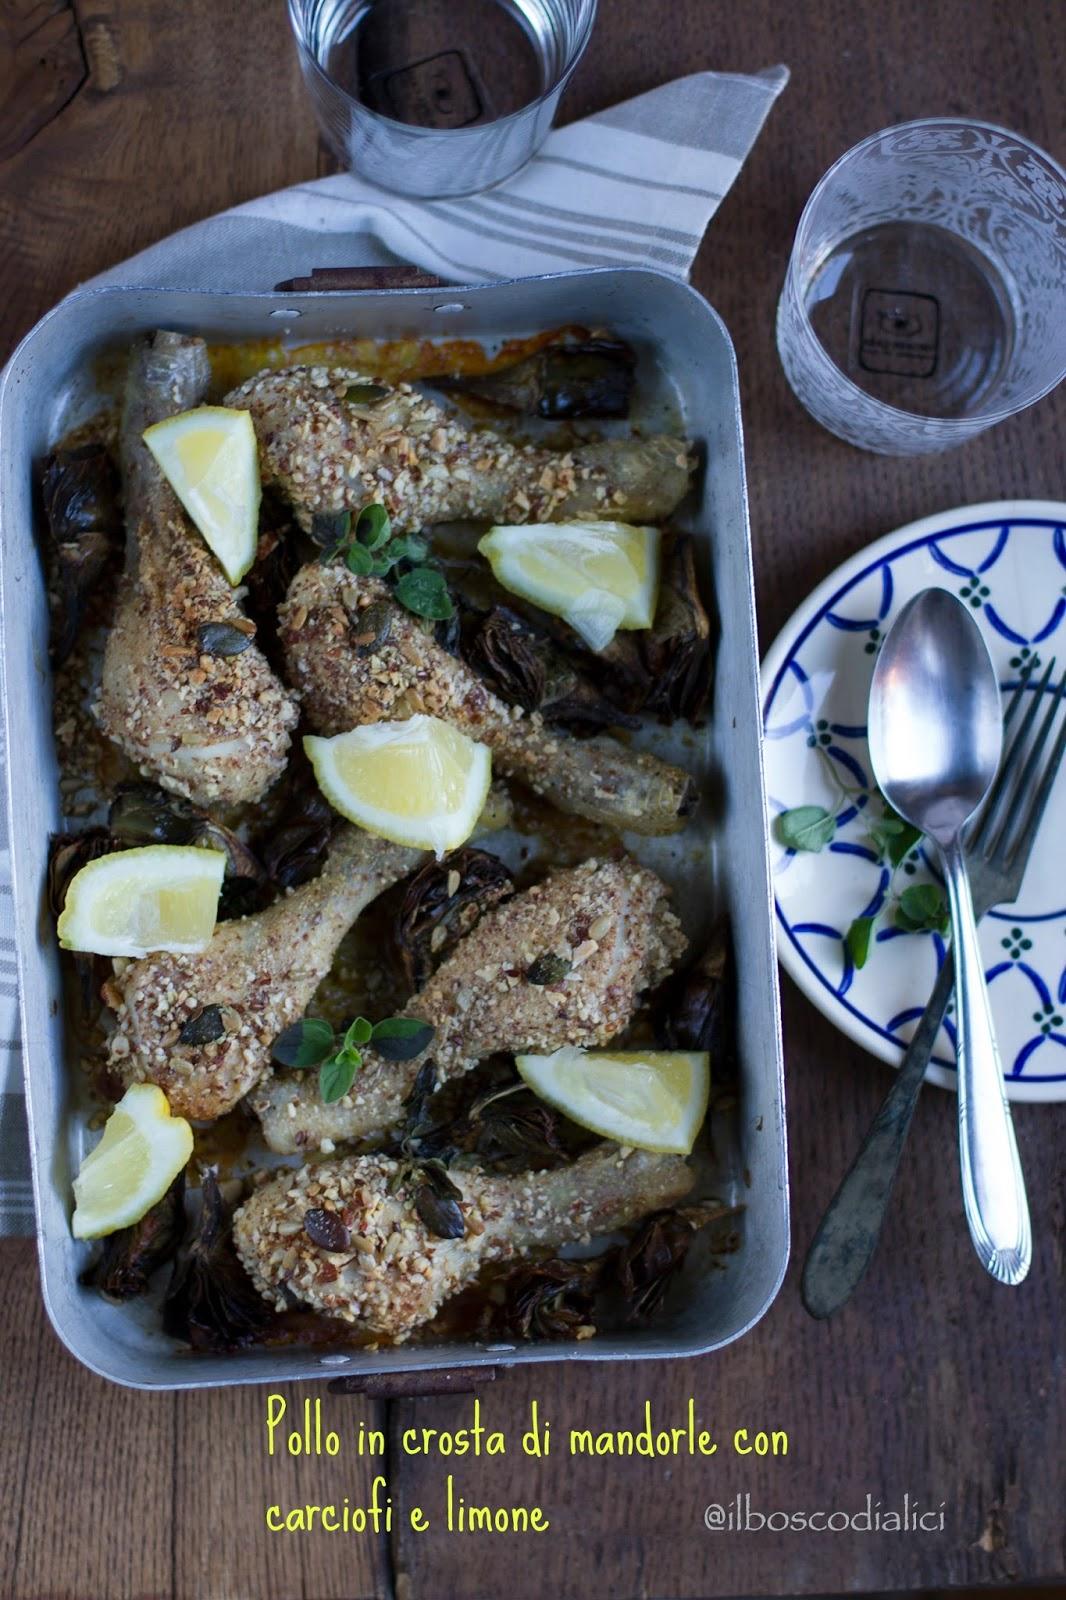 pollo in crosta di mandorle con carciofi e limone